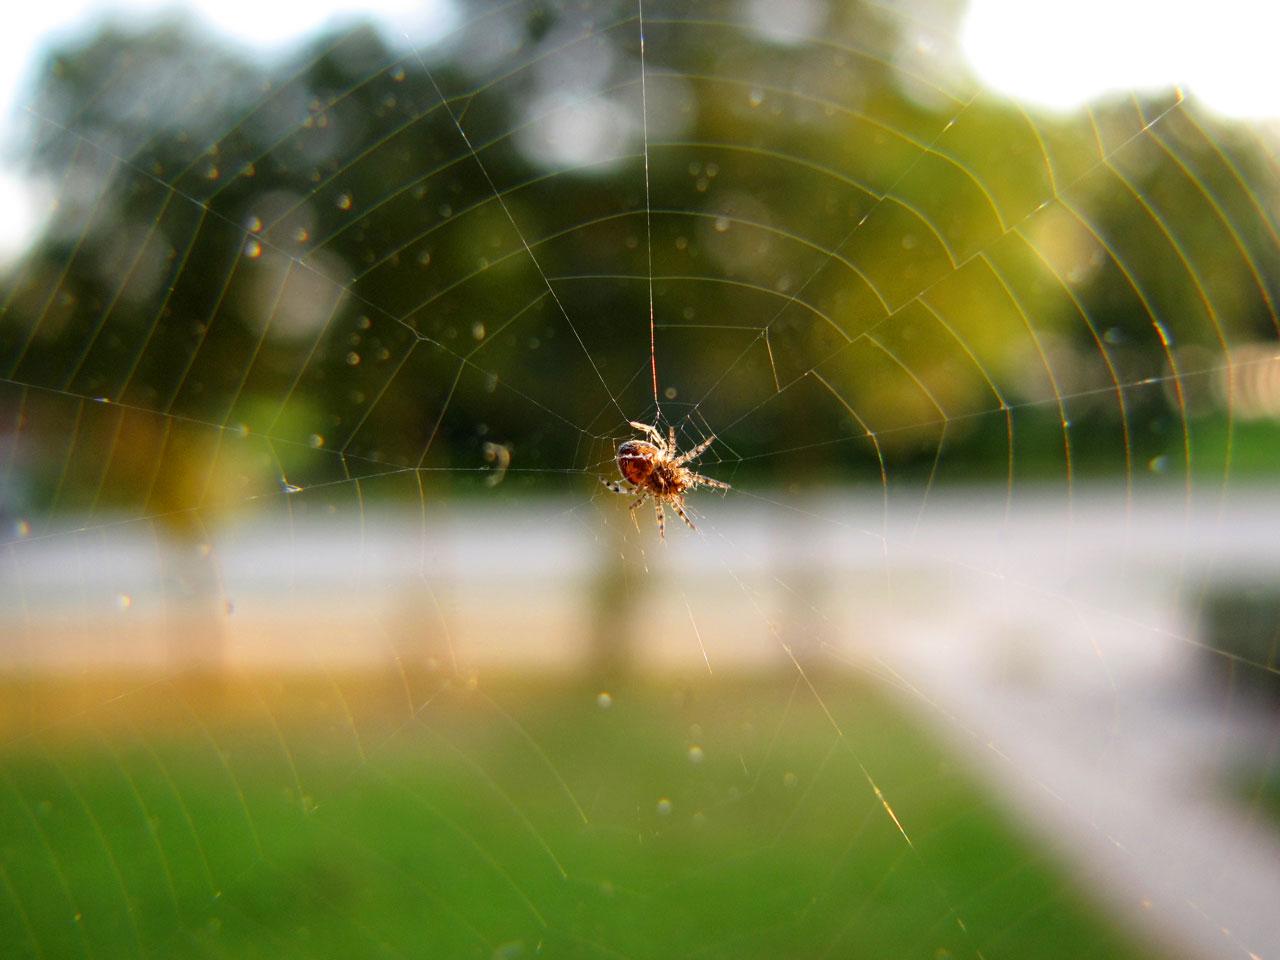 Las arañas pueden usar electricidad del aire para controlar su vuelo durante kilómetros